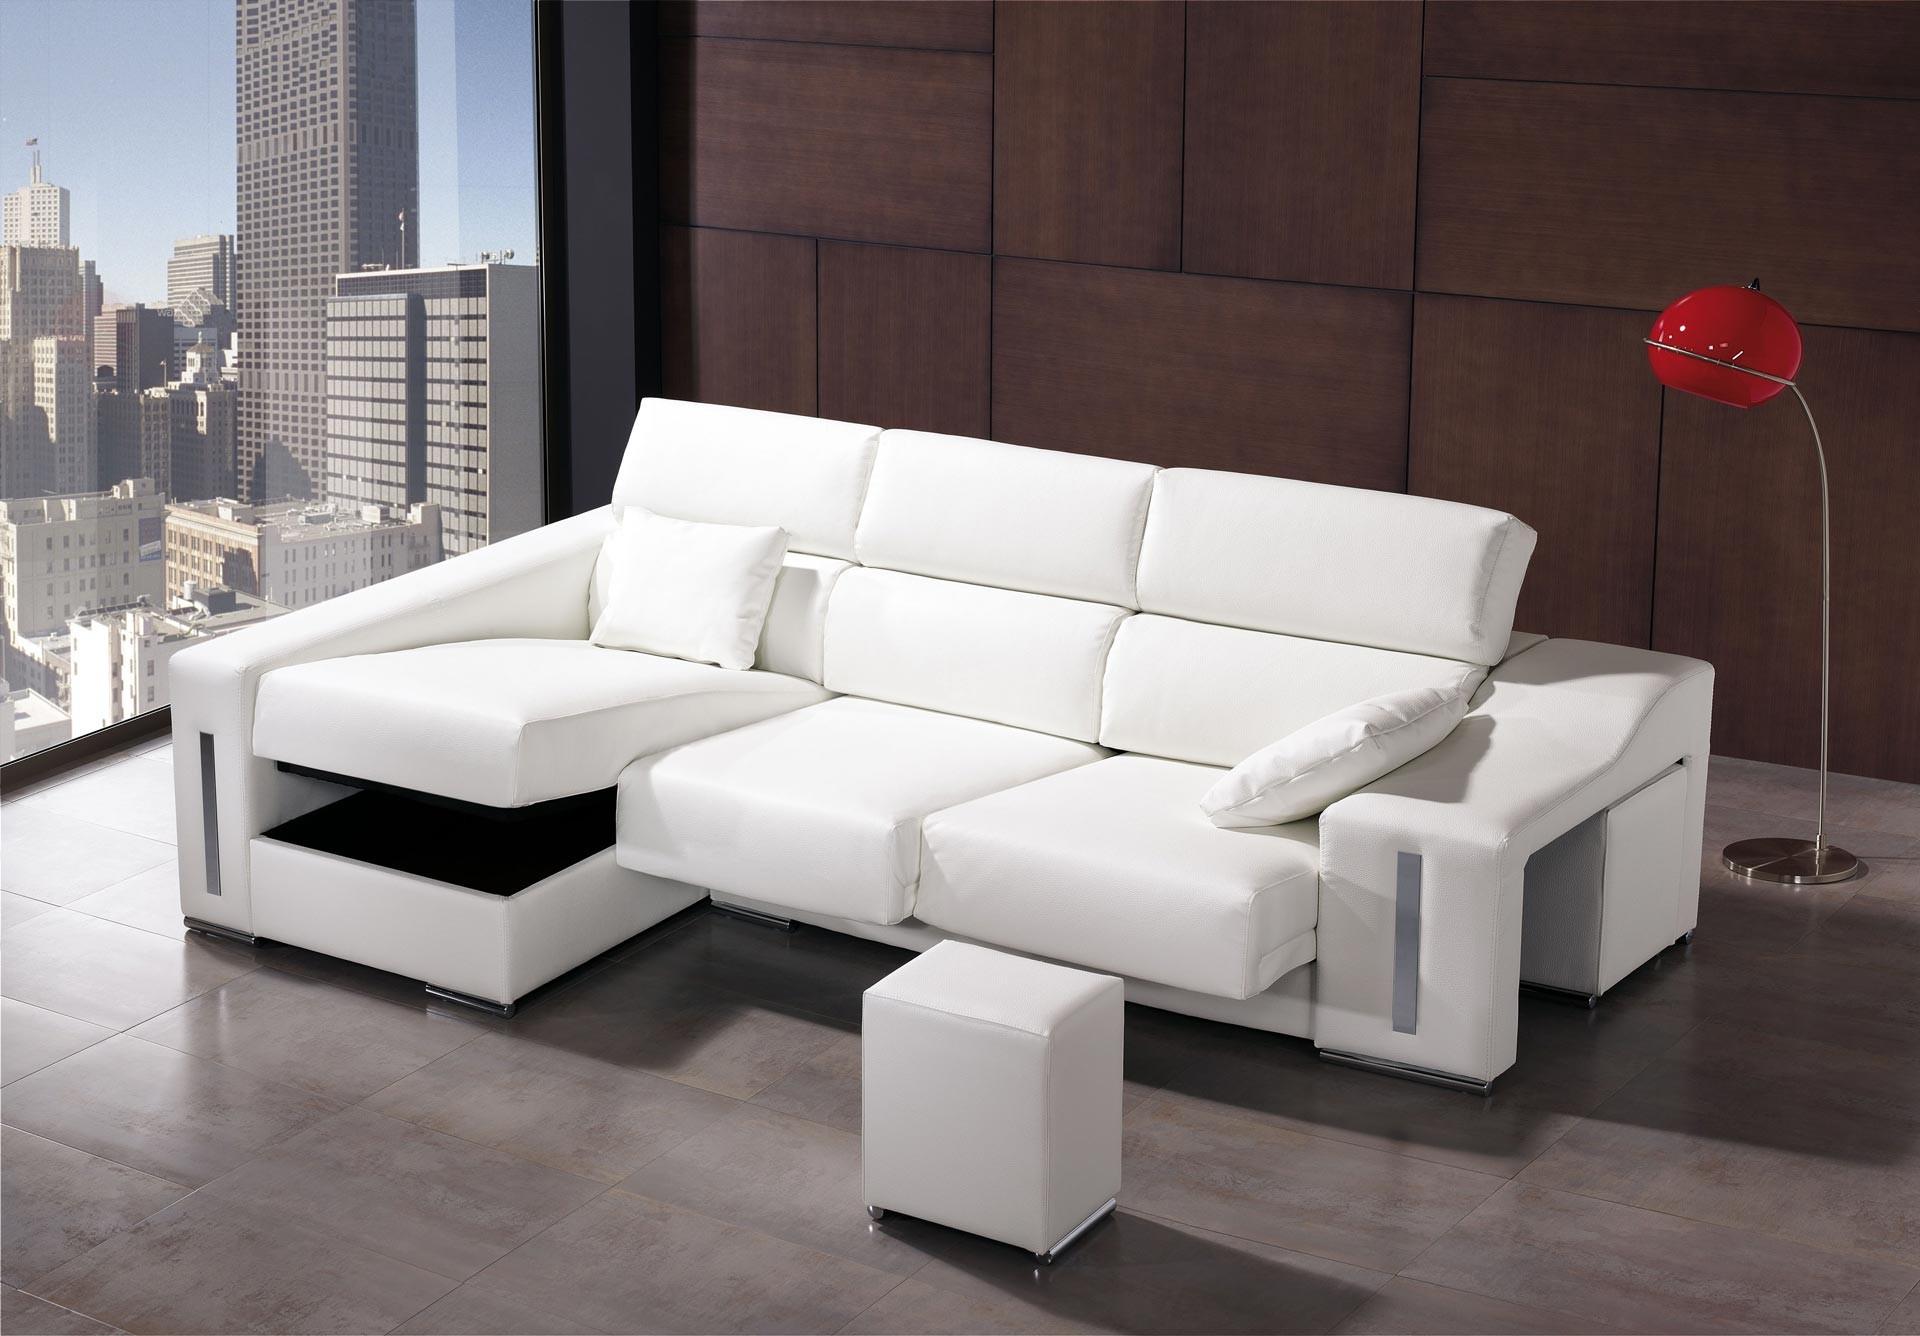 Cu les son los muebles m s adecuados para un piso peque o for Sofa cama pequeno conforama